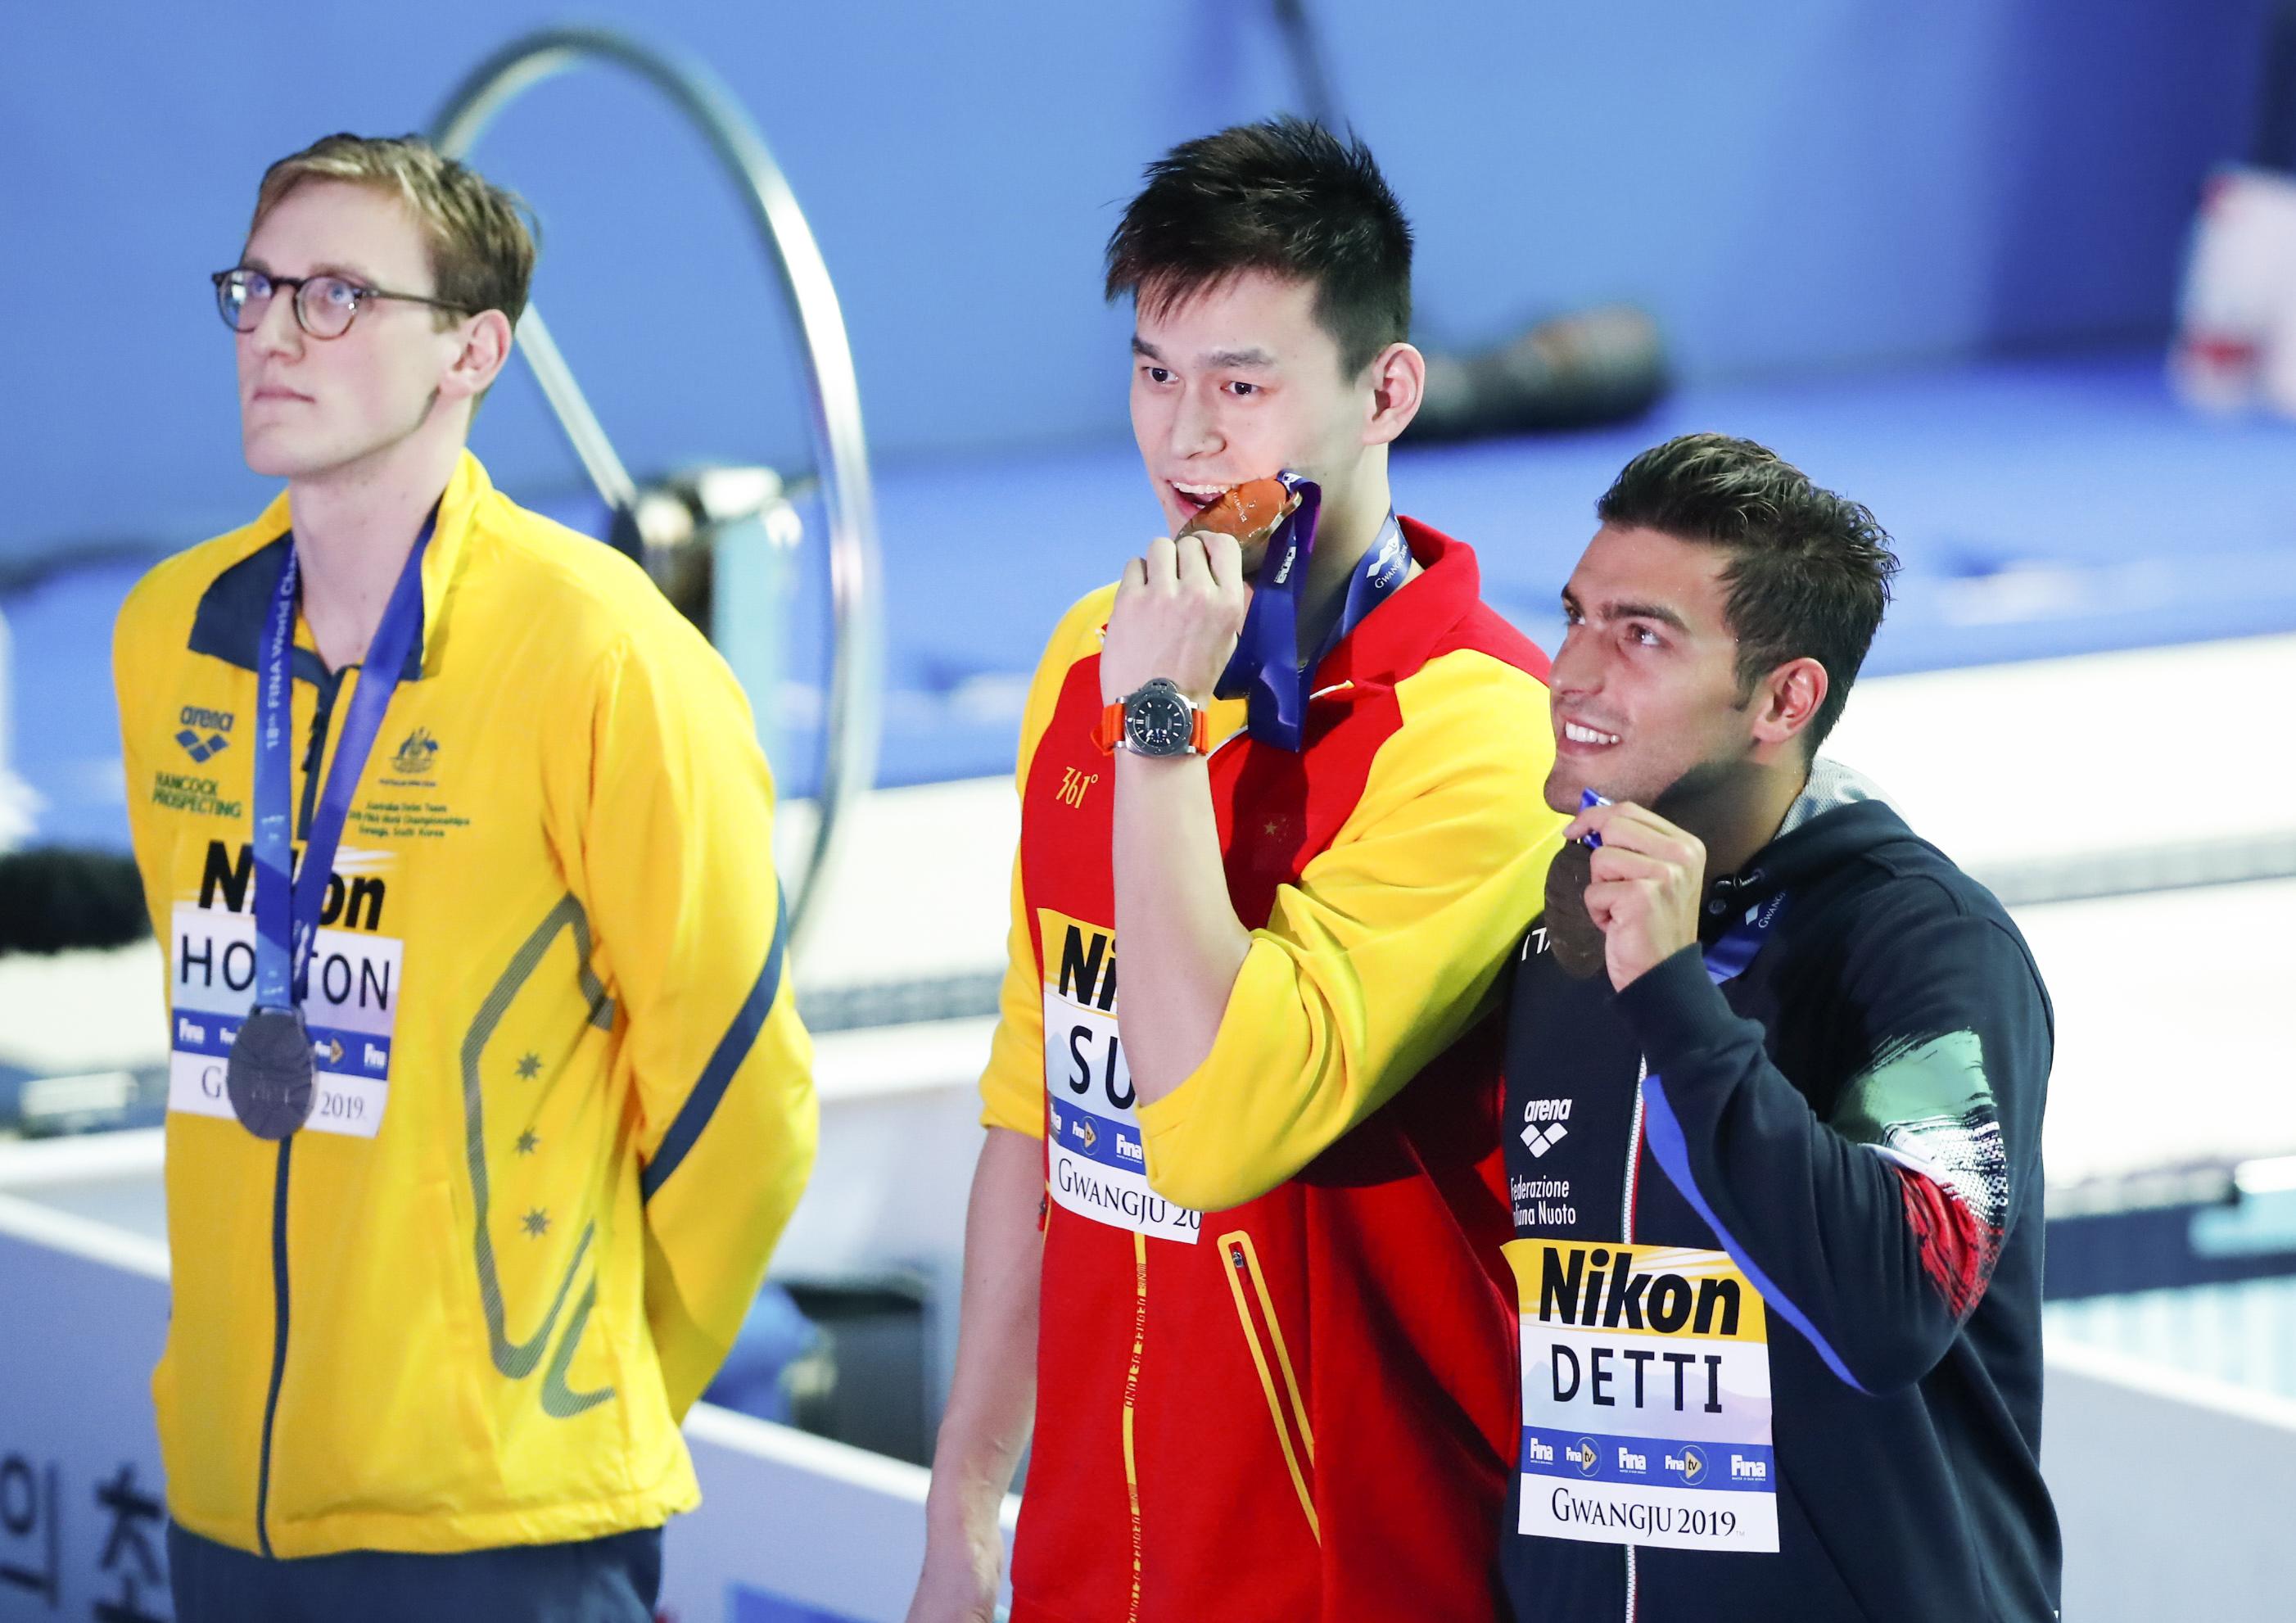 中國選手孫楊(中)、澳洲選手霍頓(左)和義大利選手德蒂分獲冠、亞、季軍後在泳池邊接受記者拍照。新華社